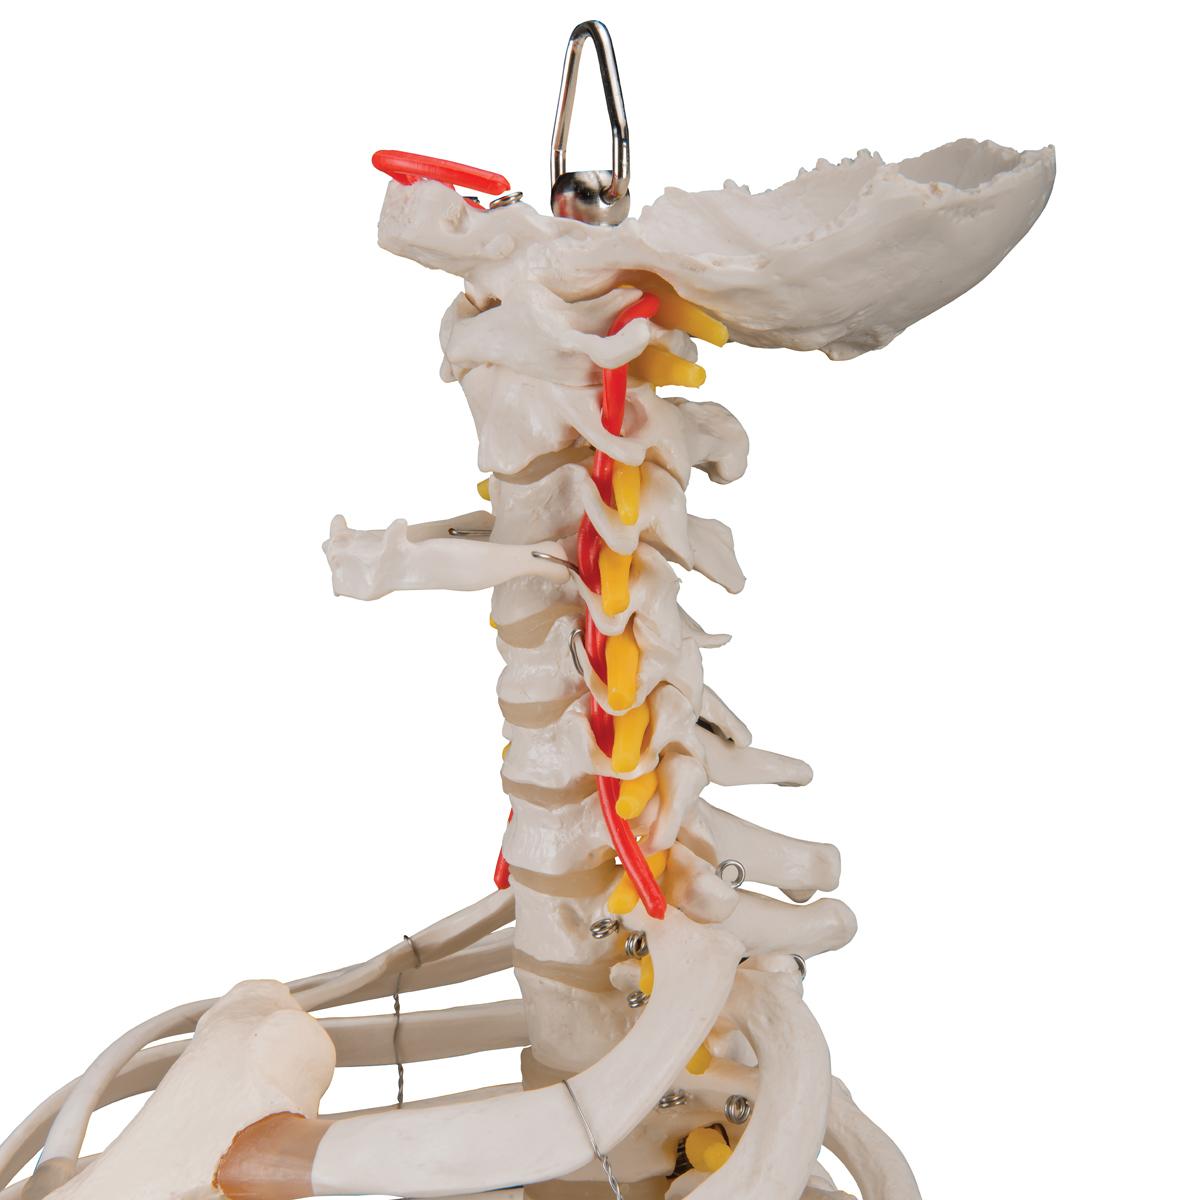 Klassische flexible Wirbelsäule mit Brustkorb und ...